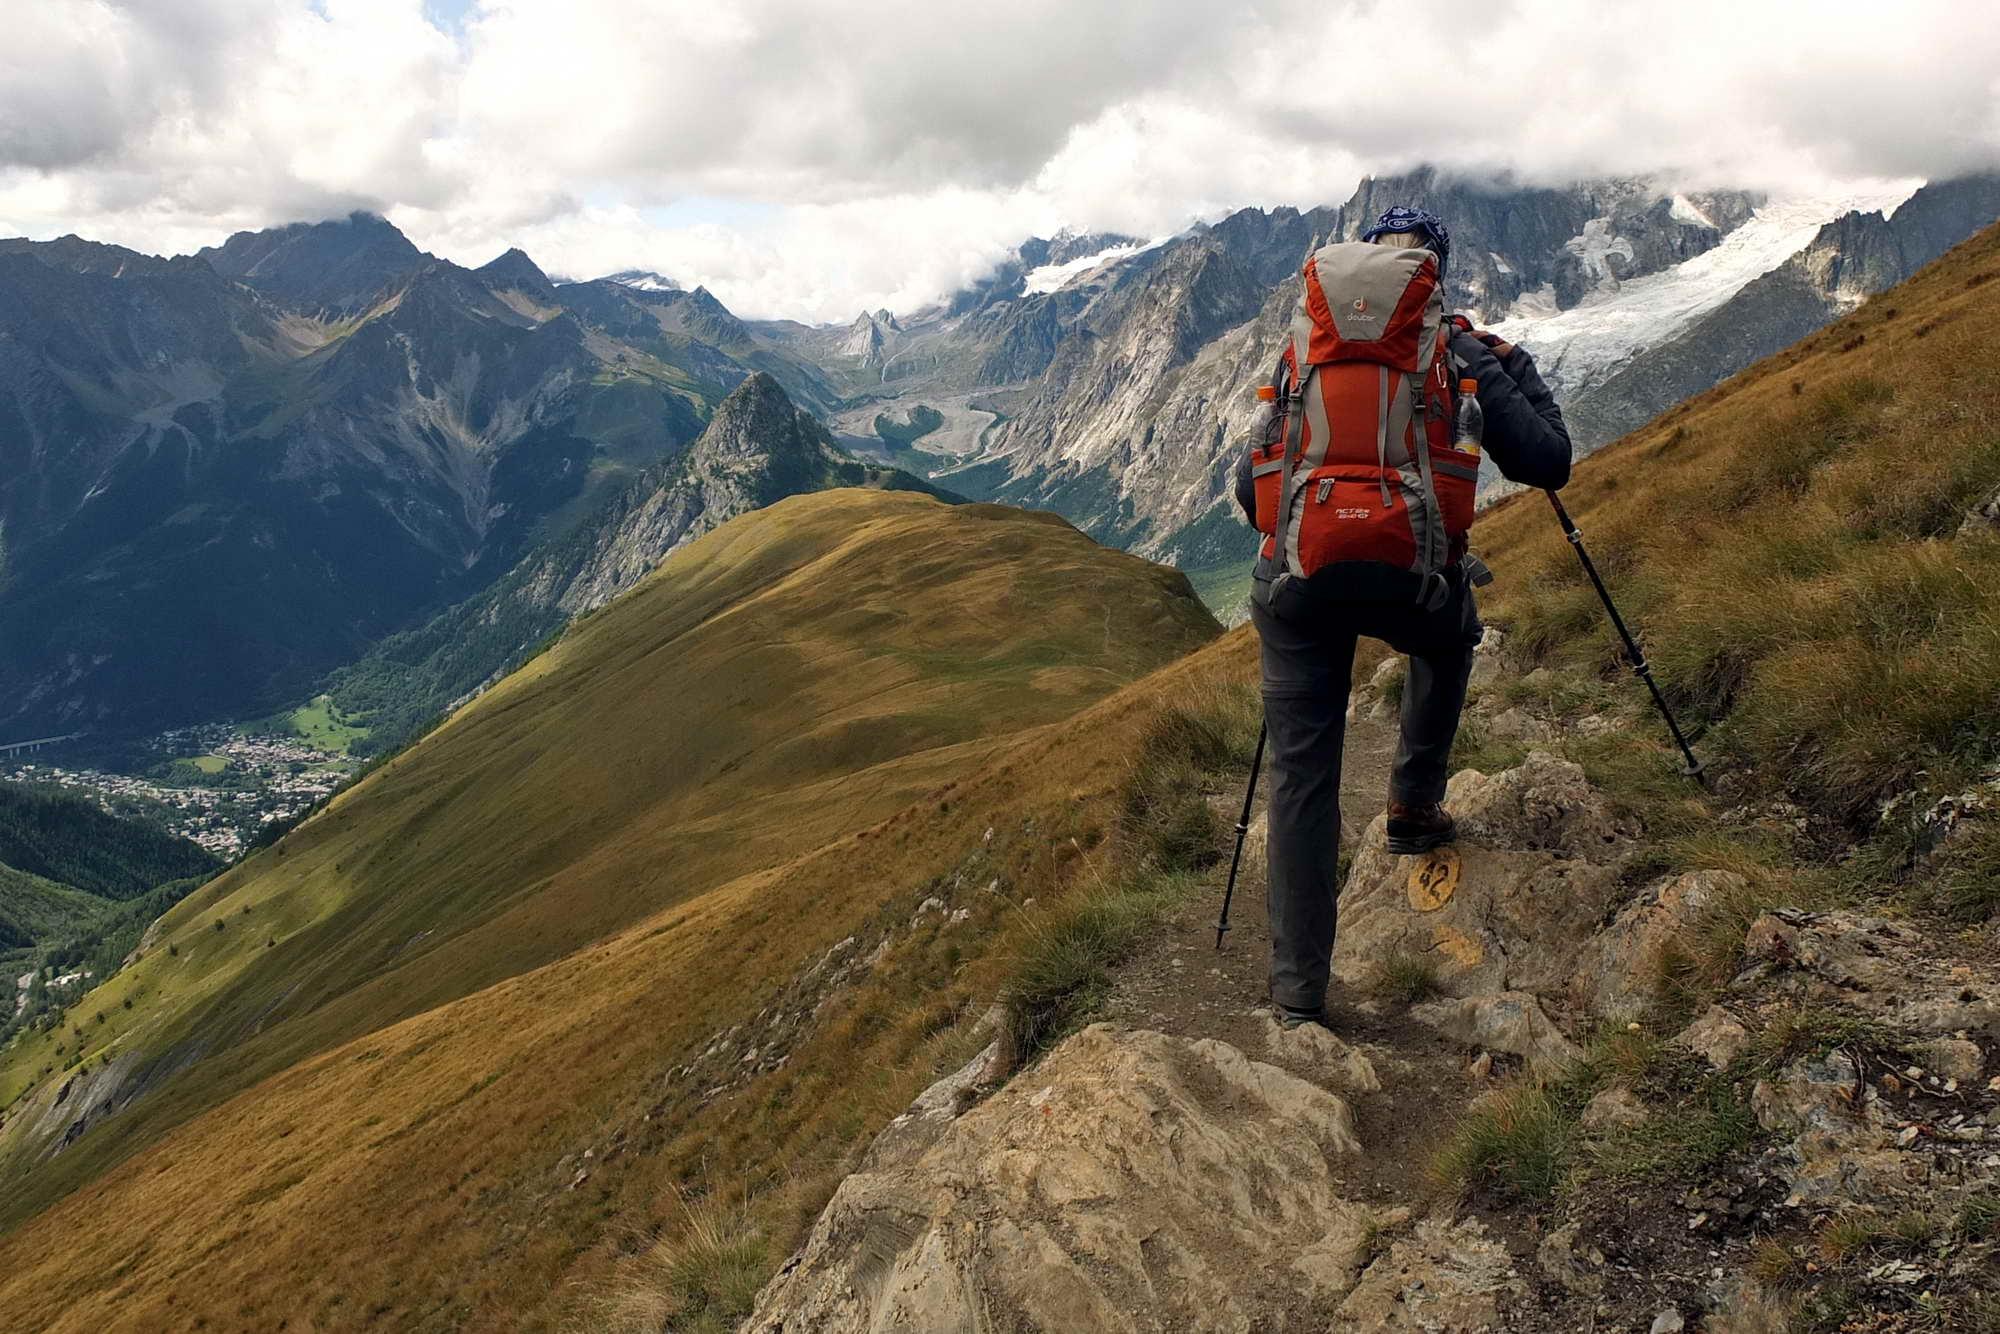 MT 10.4 Rifugio Walter Bonatti > Rifugio Bertone (Aosta, TMB)